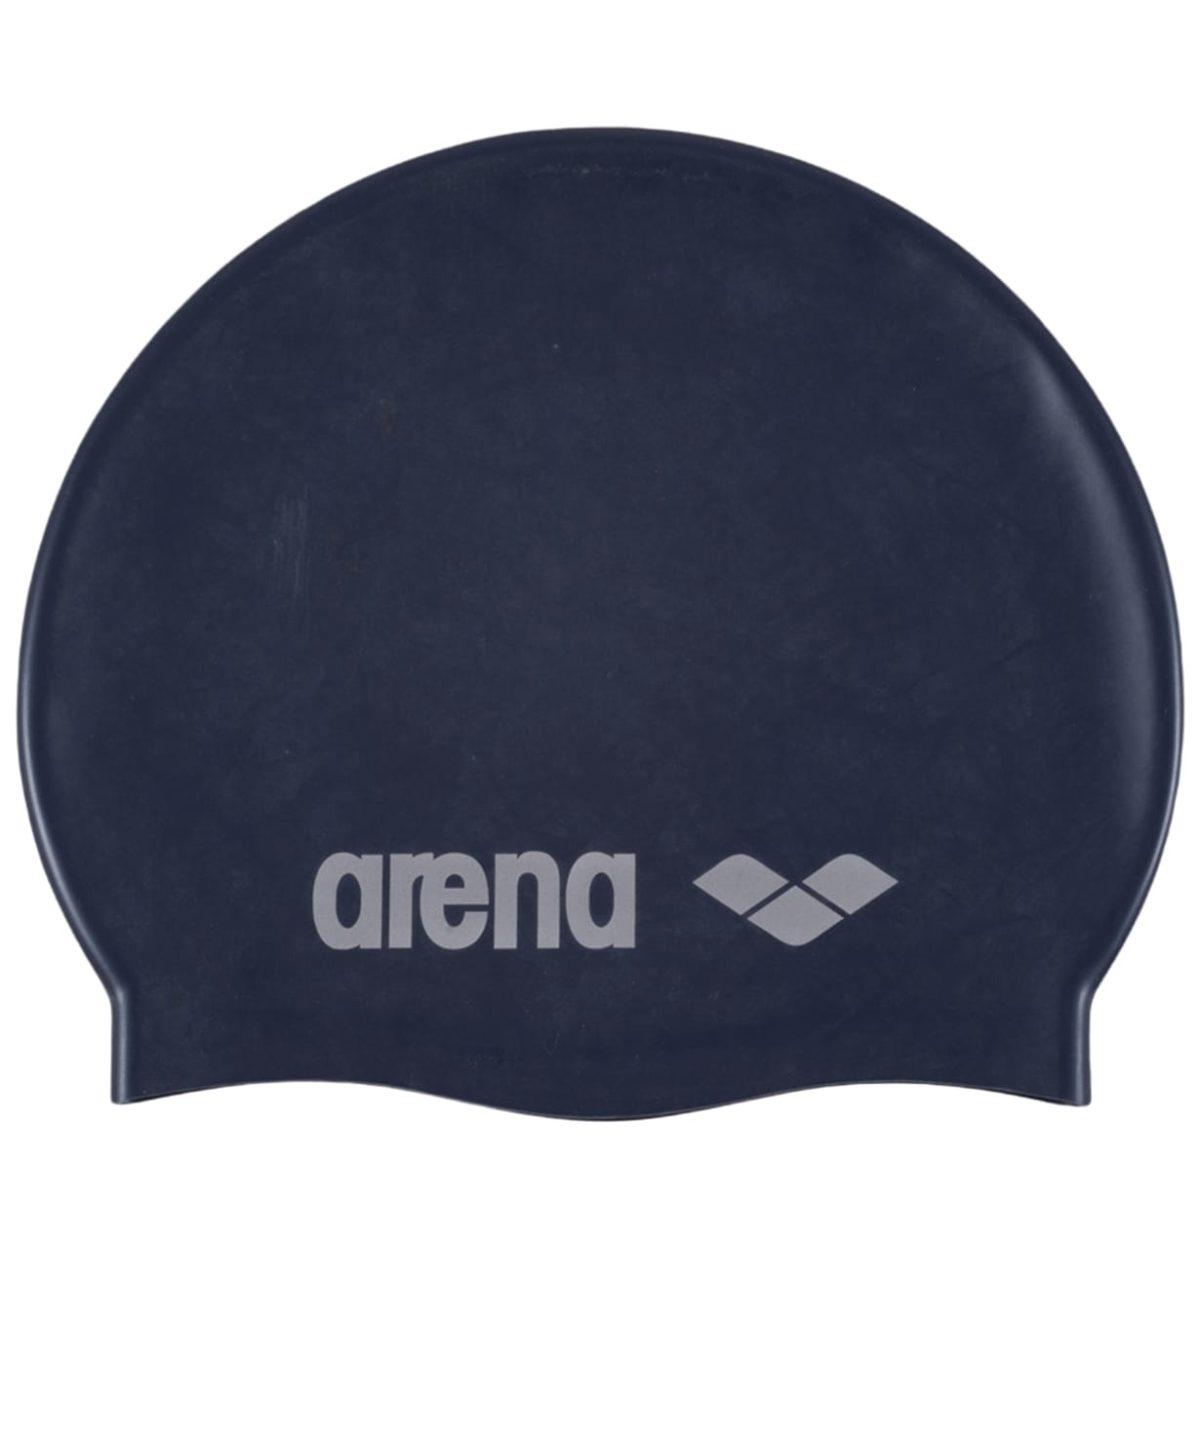 ARENA Шапочка для плавания Classic Silicone JR Denim/Silver  91670 71 - 1